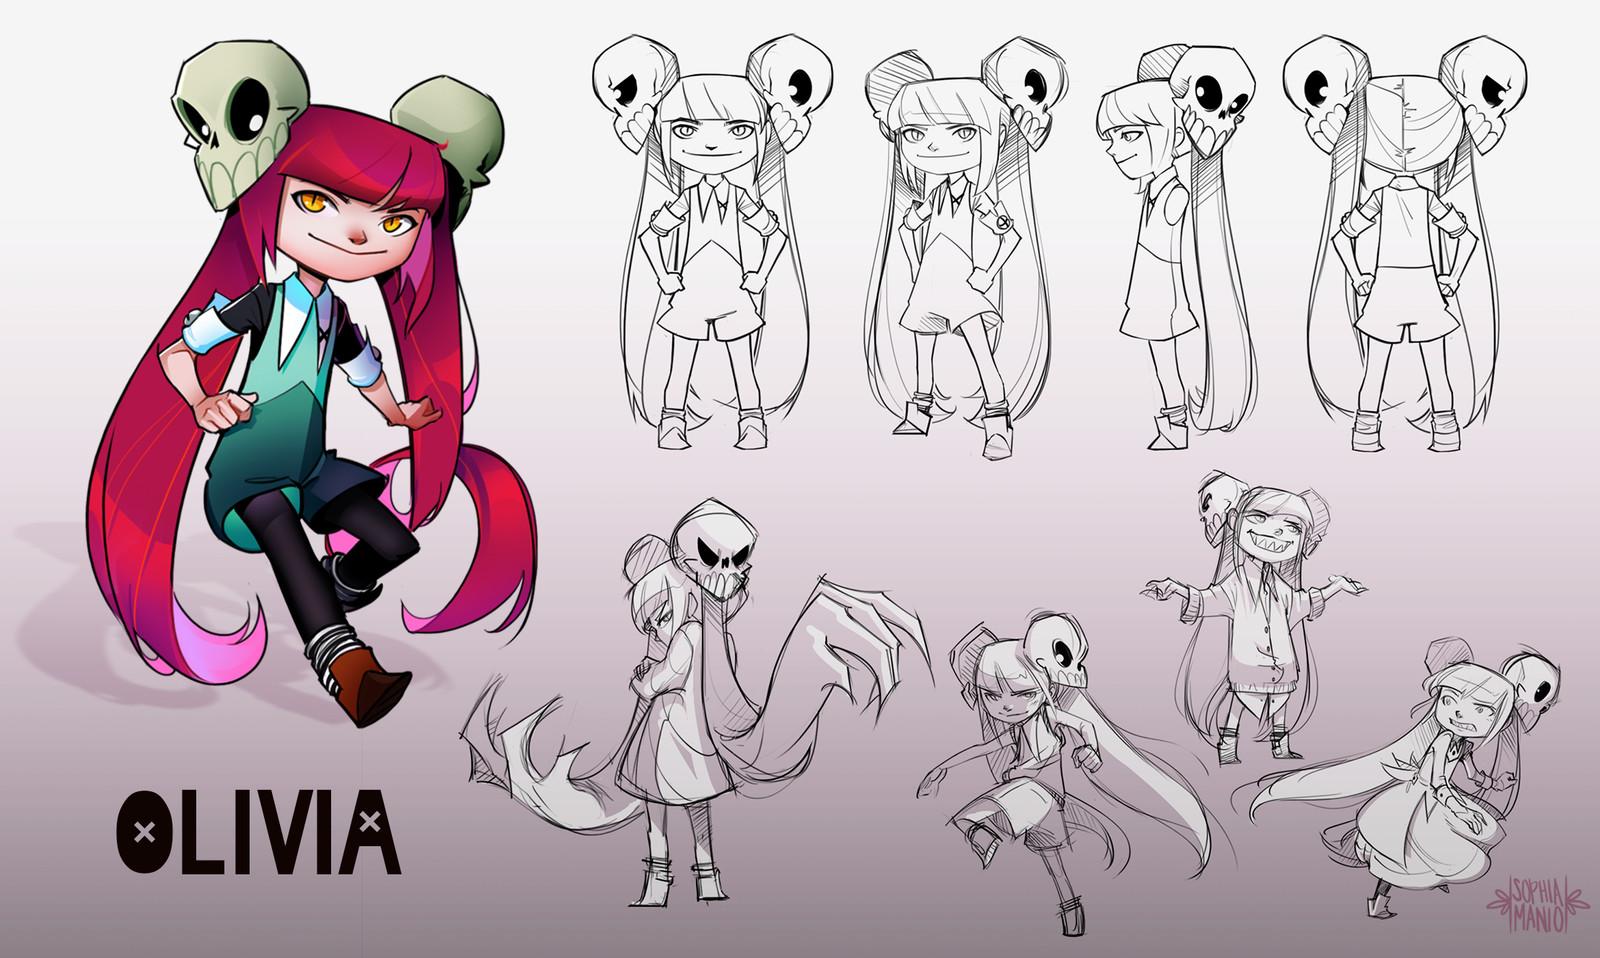 Character Sheet: Olivia